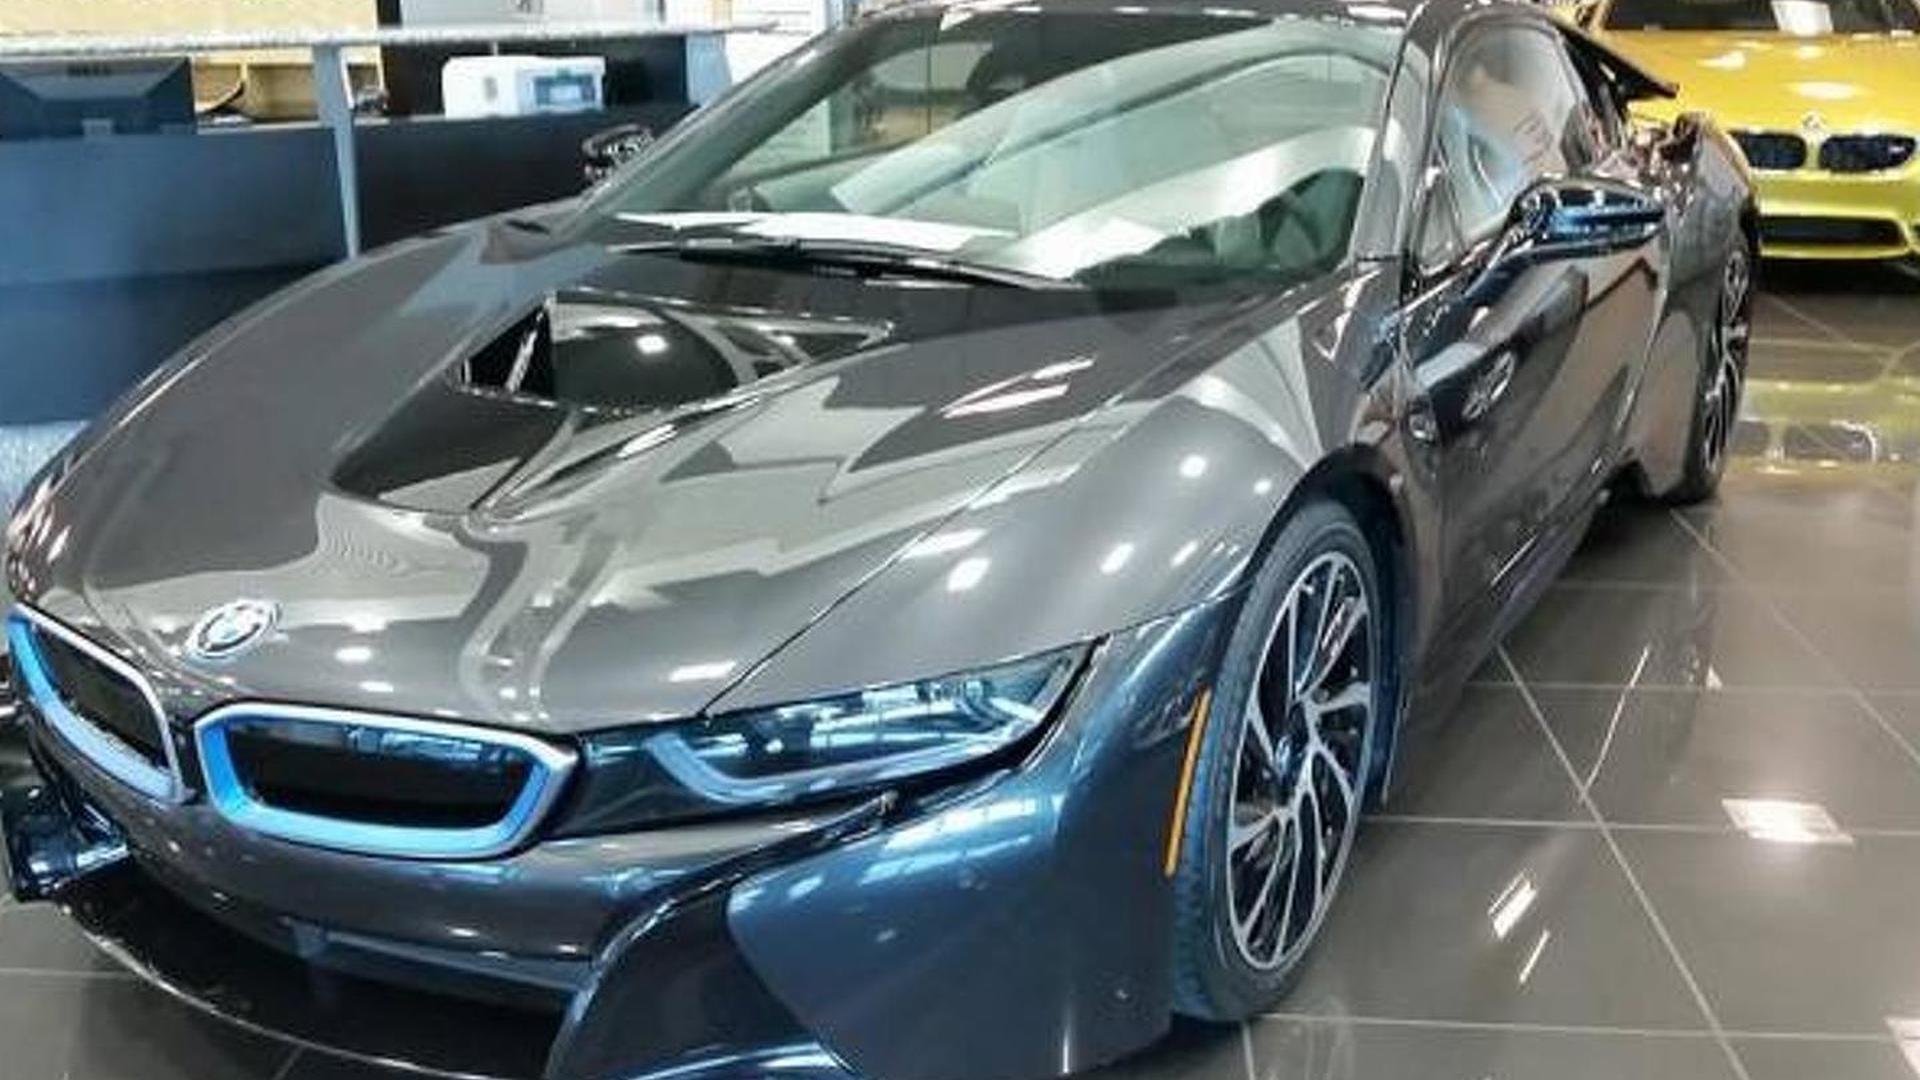 BMW i8 sold for $247,450, including $100,000 market adjustment